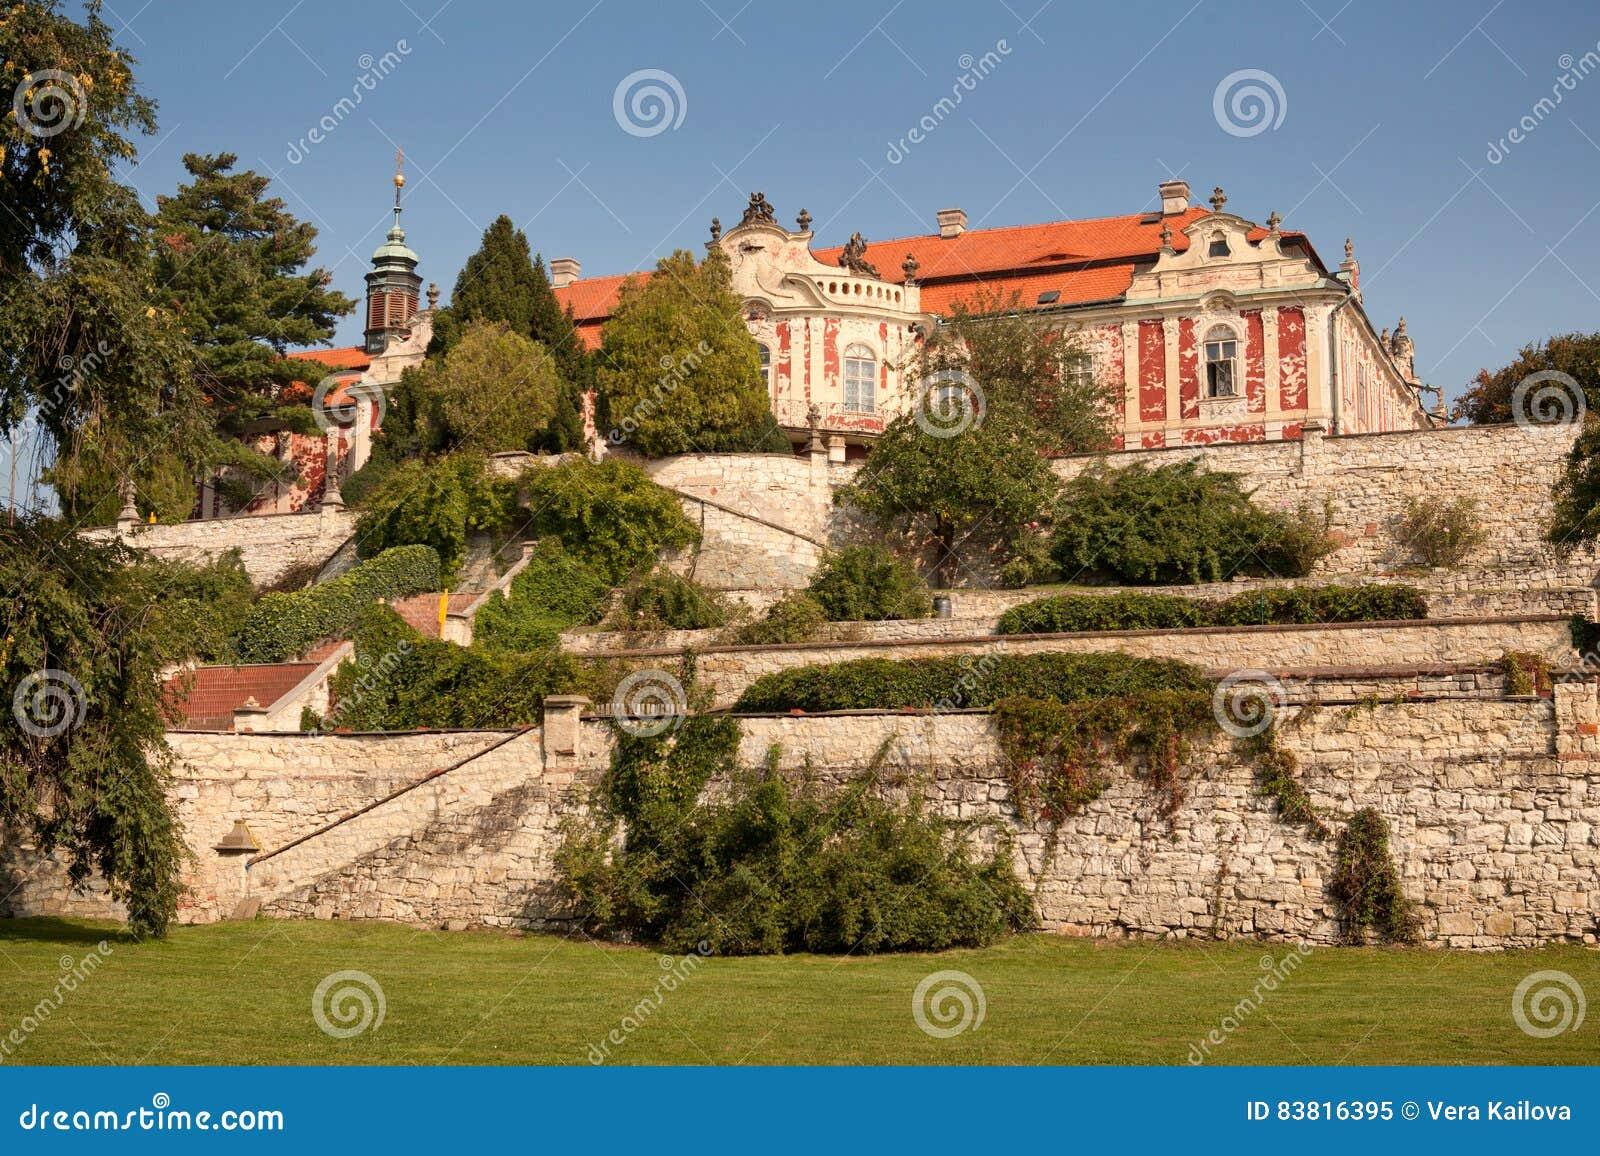 Castle Steknik